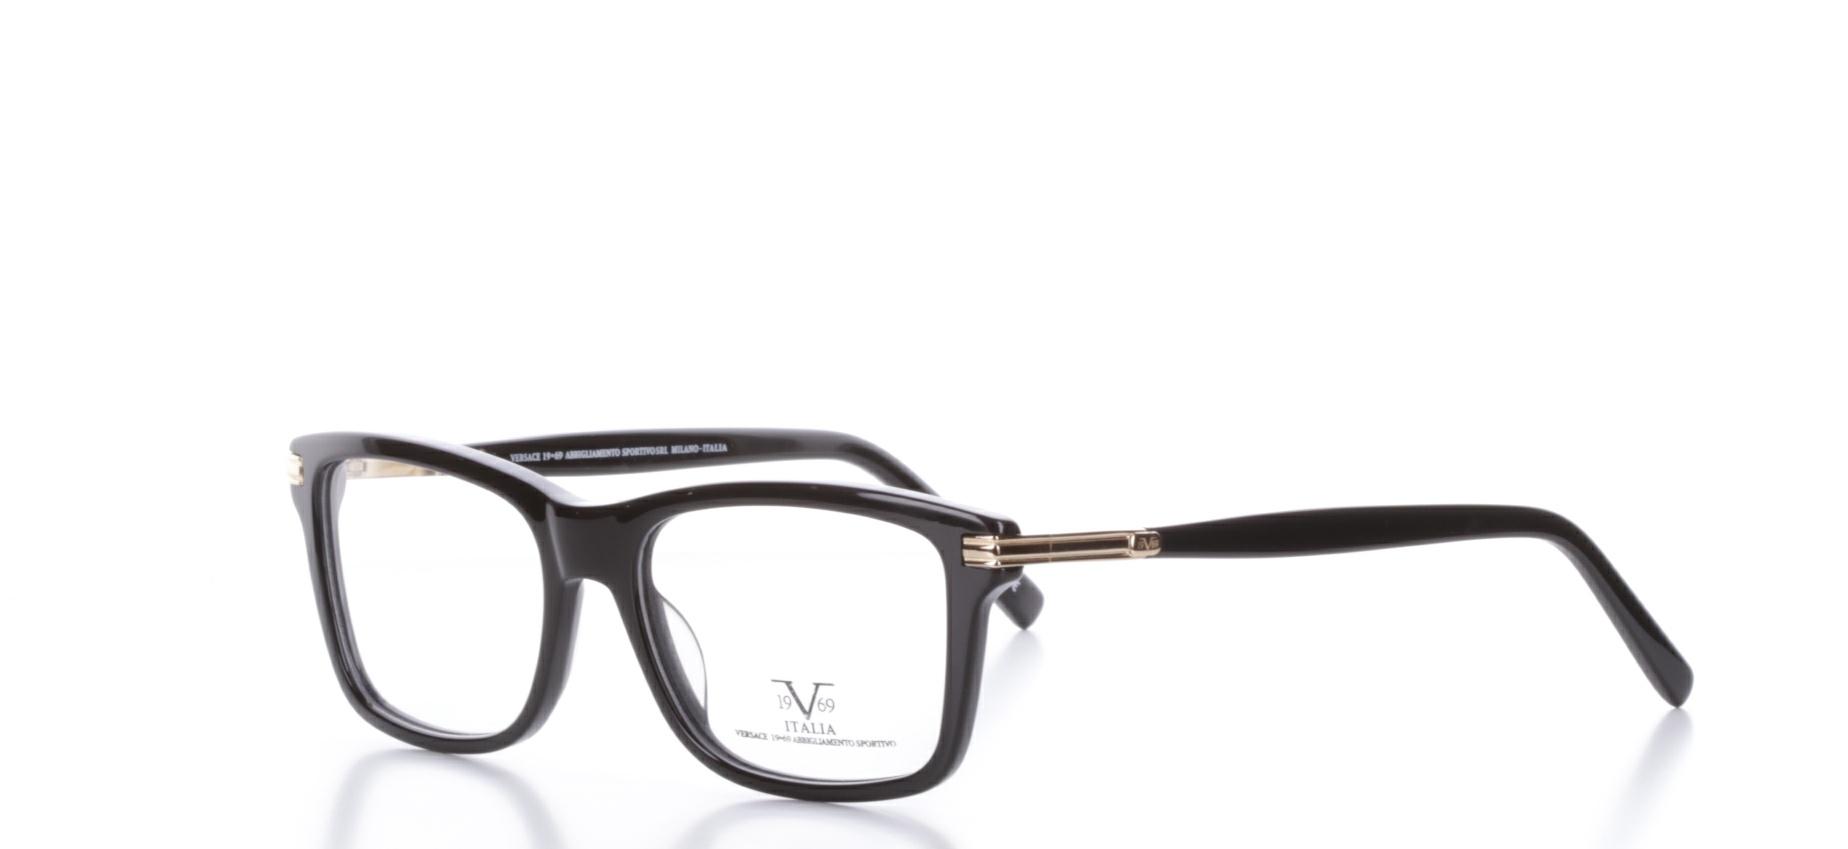 Rame-ochelari-dama - Rama-ochelari-vedere-Versace-1969-VM1517 c1ec3d210c